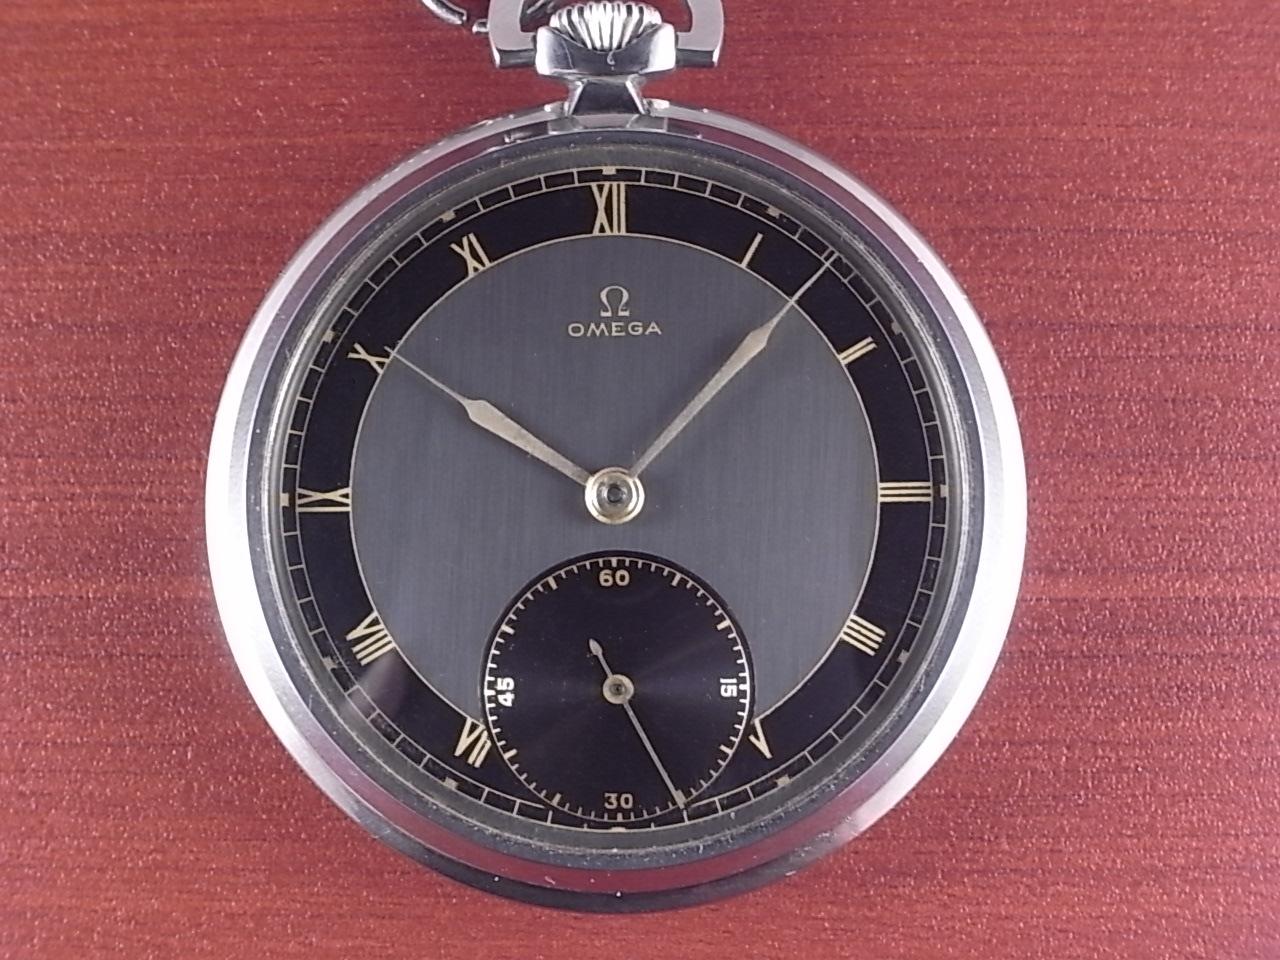 オメガ ポケットウォッチ ブラック/グレー 2トーンダイアル 1940年代の写真2枚目